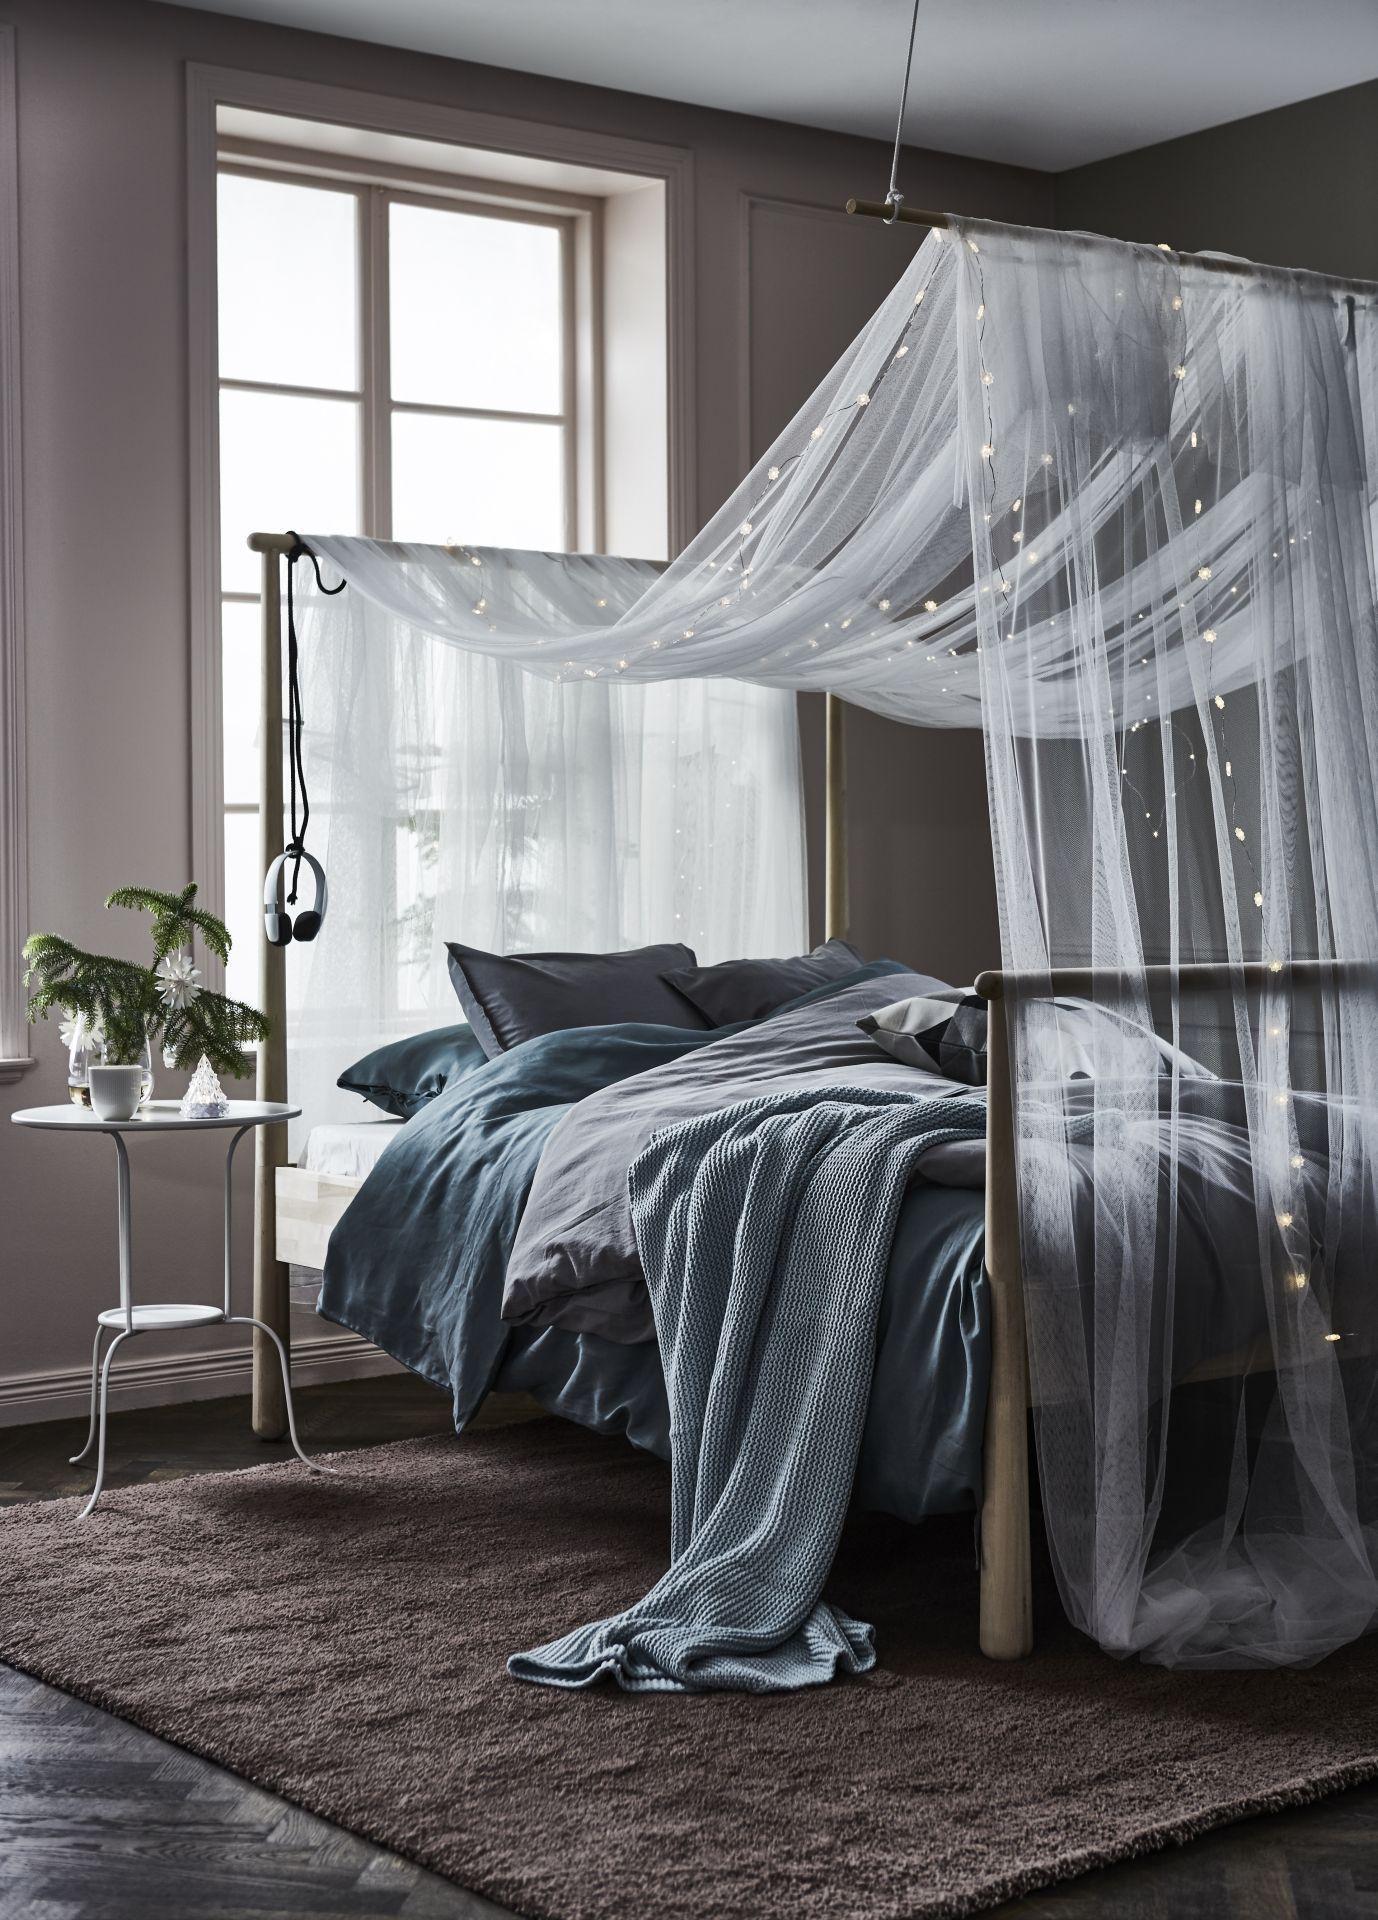 Kreatives Wohndesign Stilvoll Gjra Bettgestell Birke Sweet Dreams